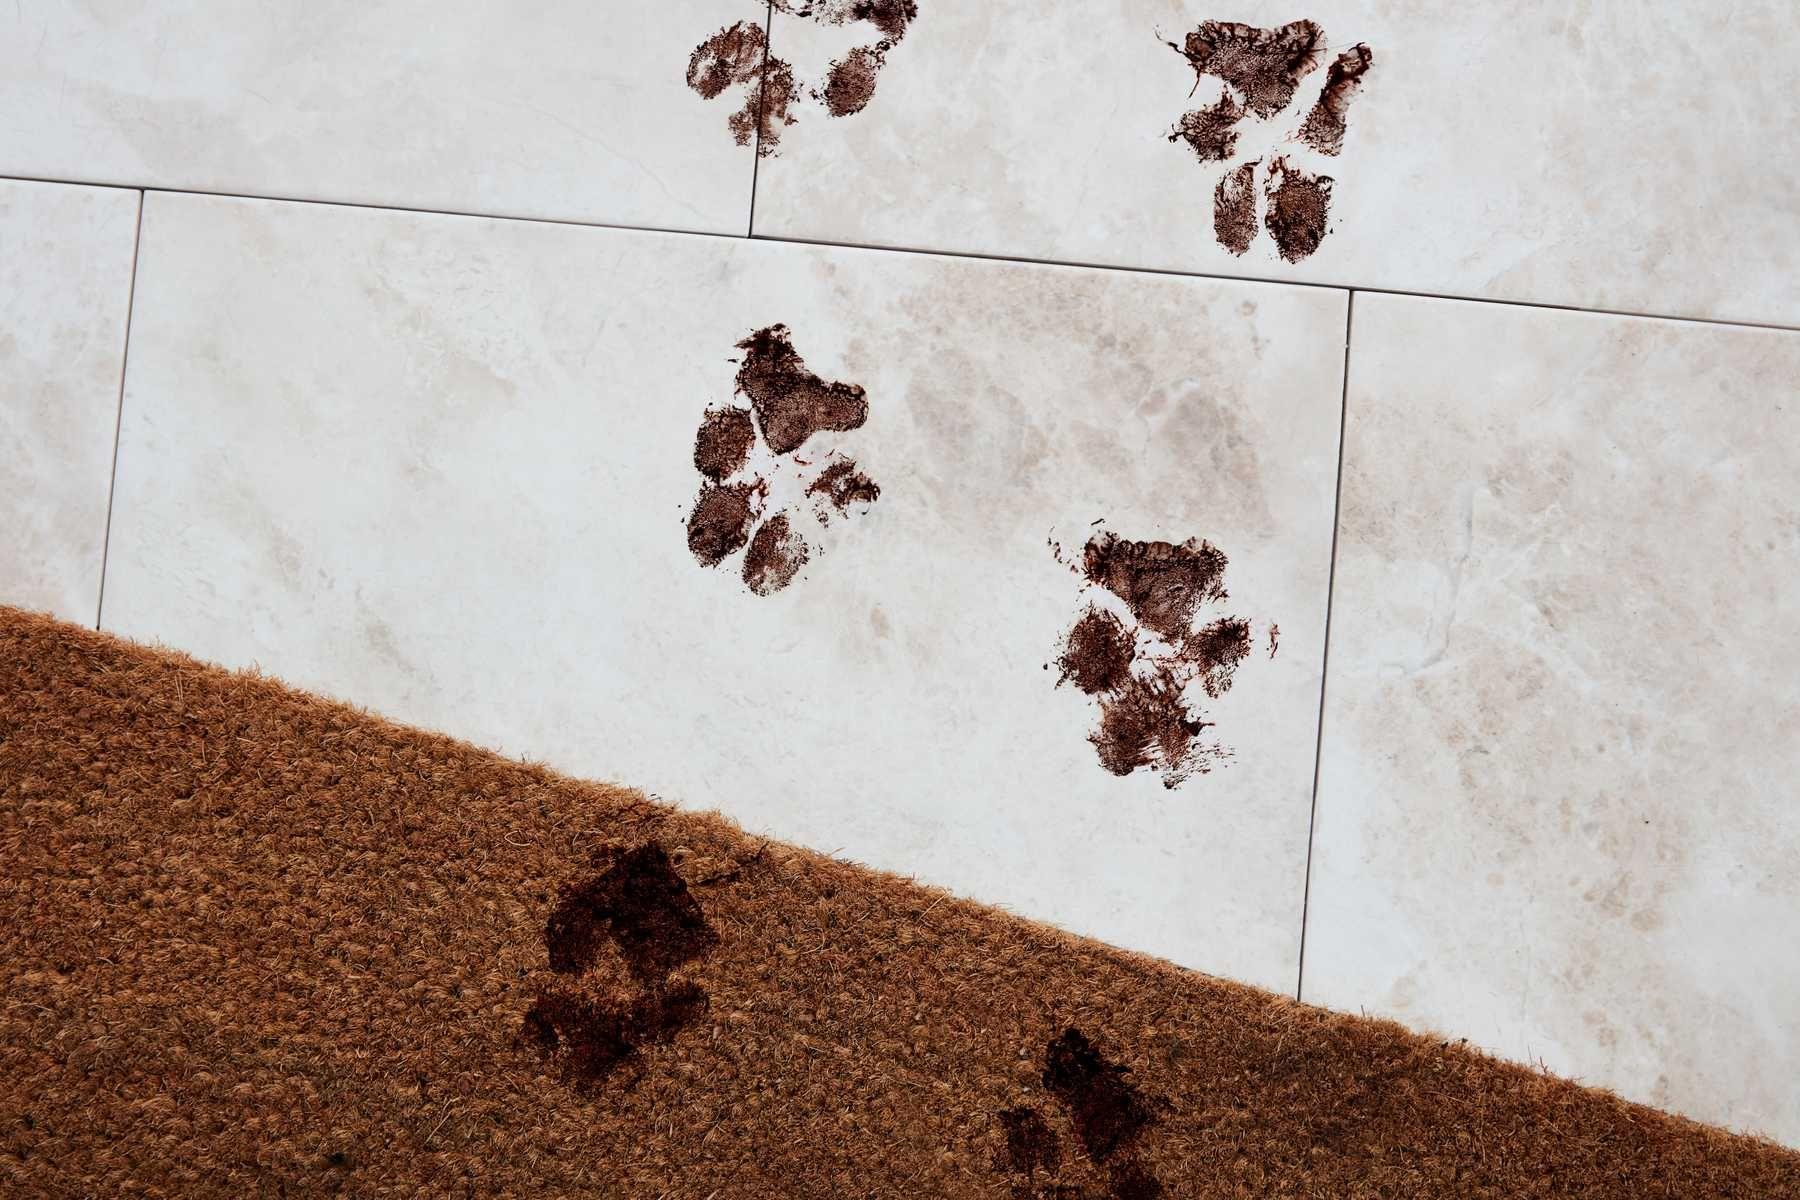 Tẩy trắng gạch nhà vệ sinh, khe sàn và gạch ốp hiệu quả